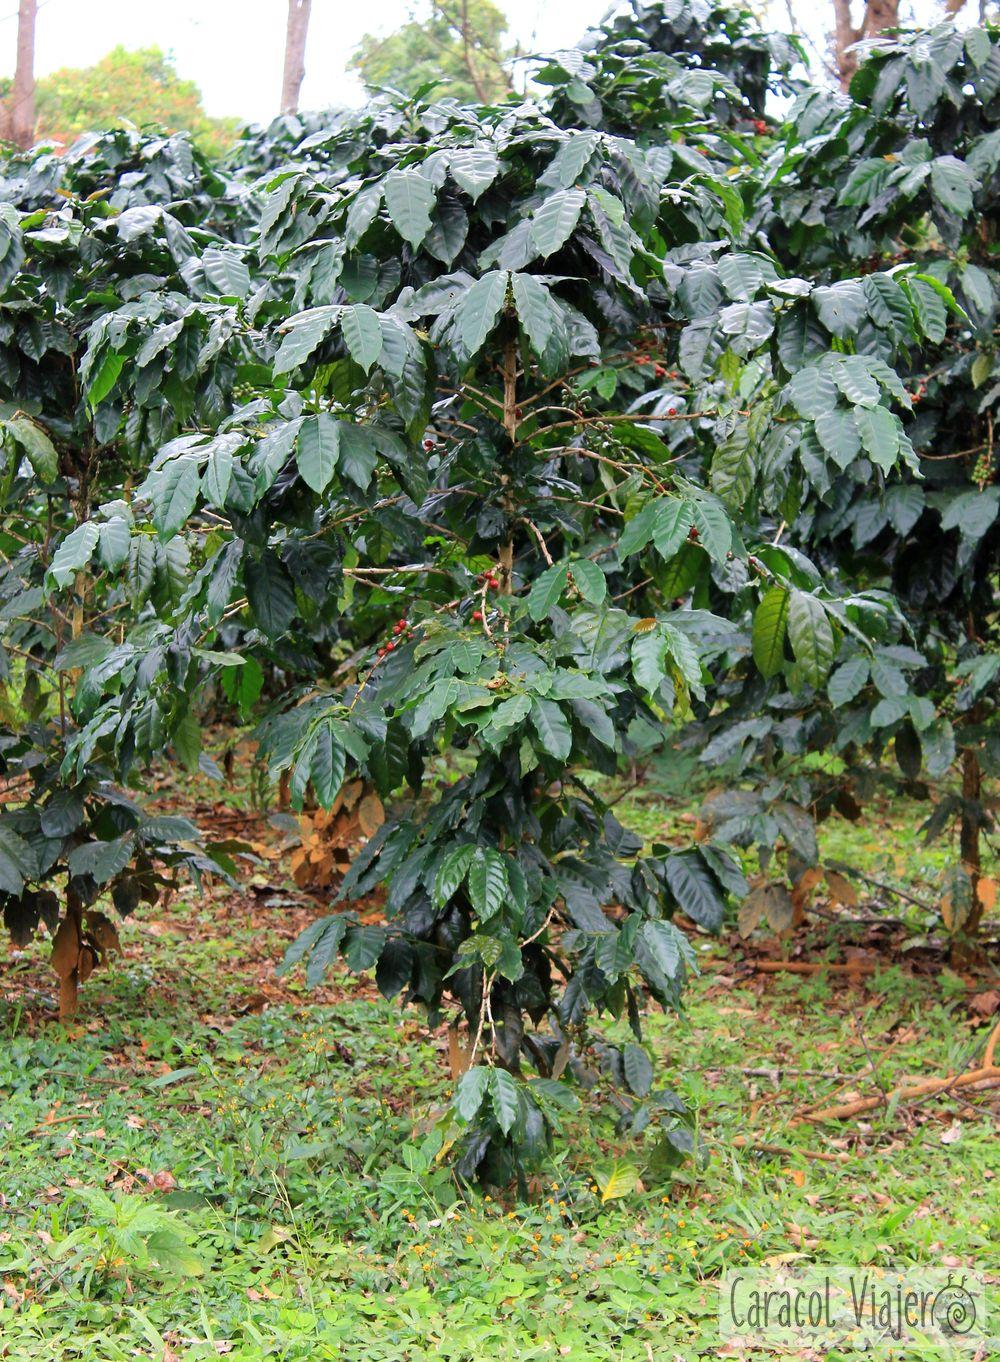 Las plantas de café en la meseta Bolaven